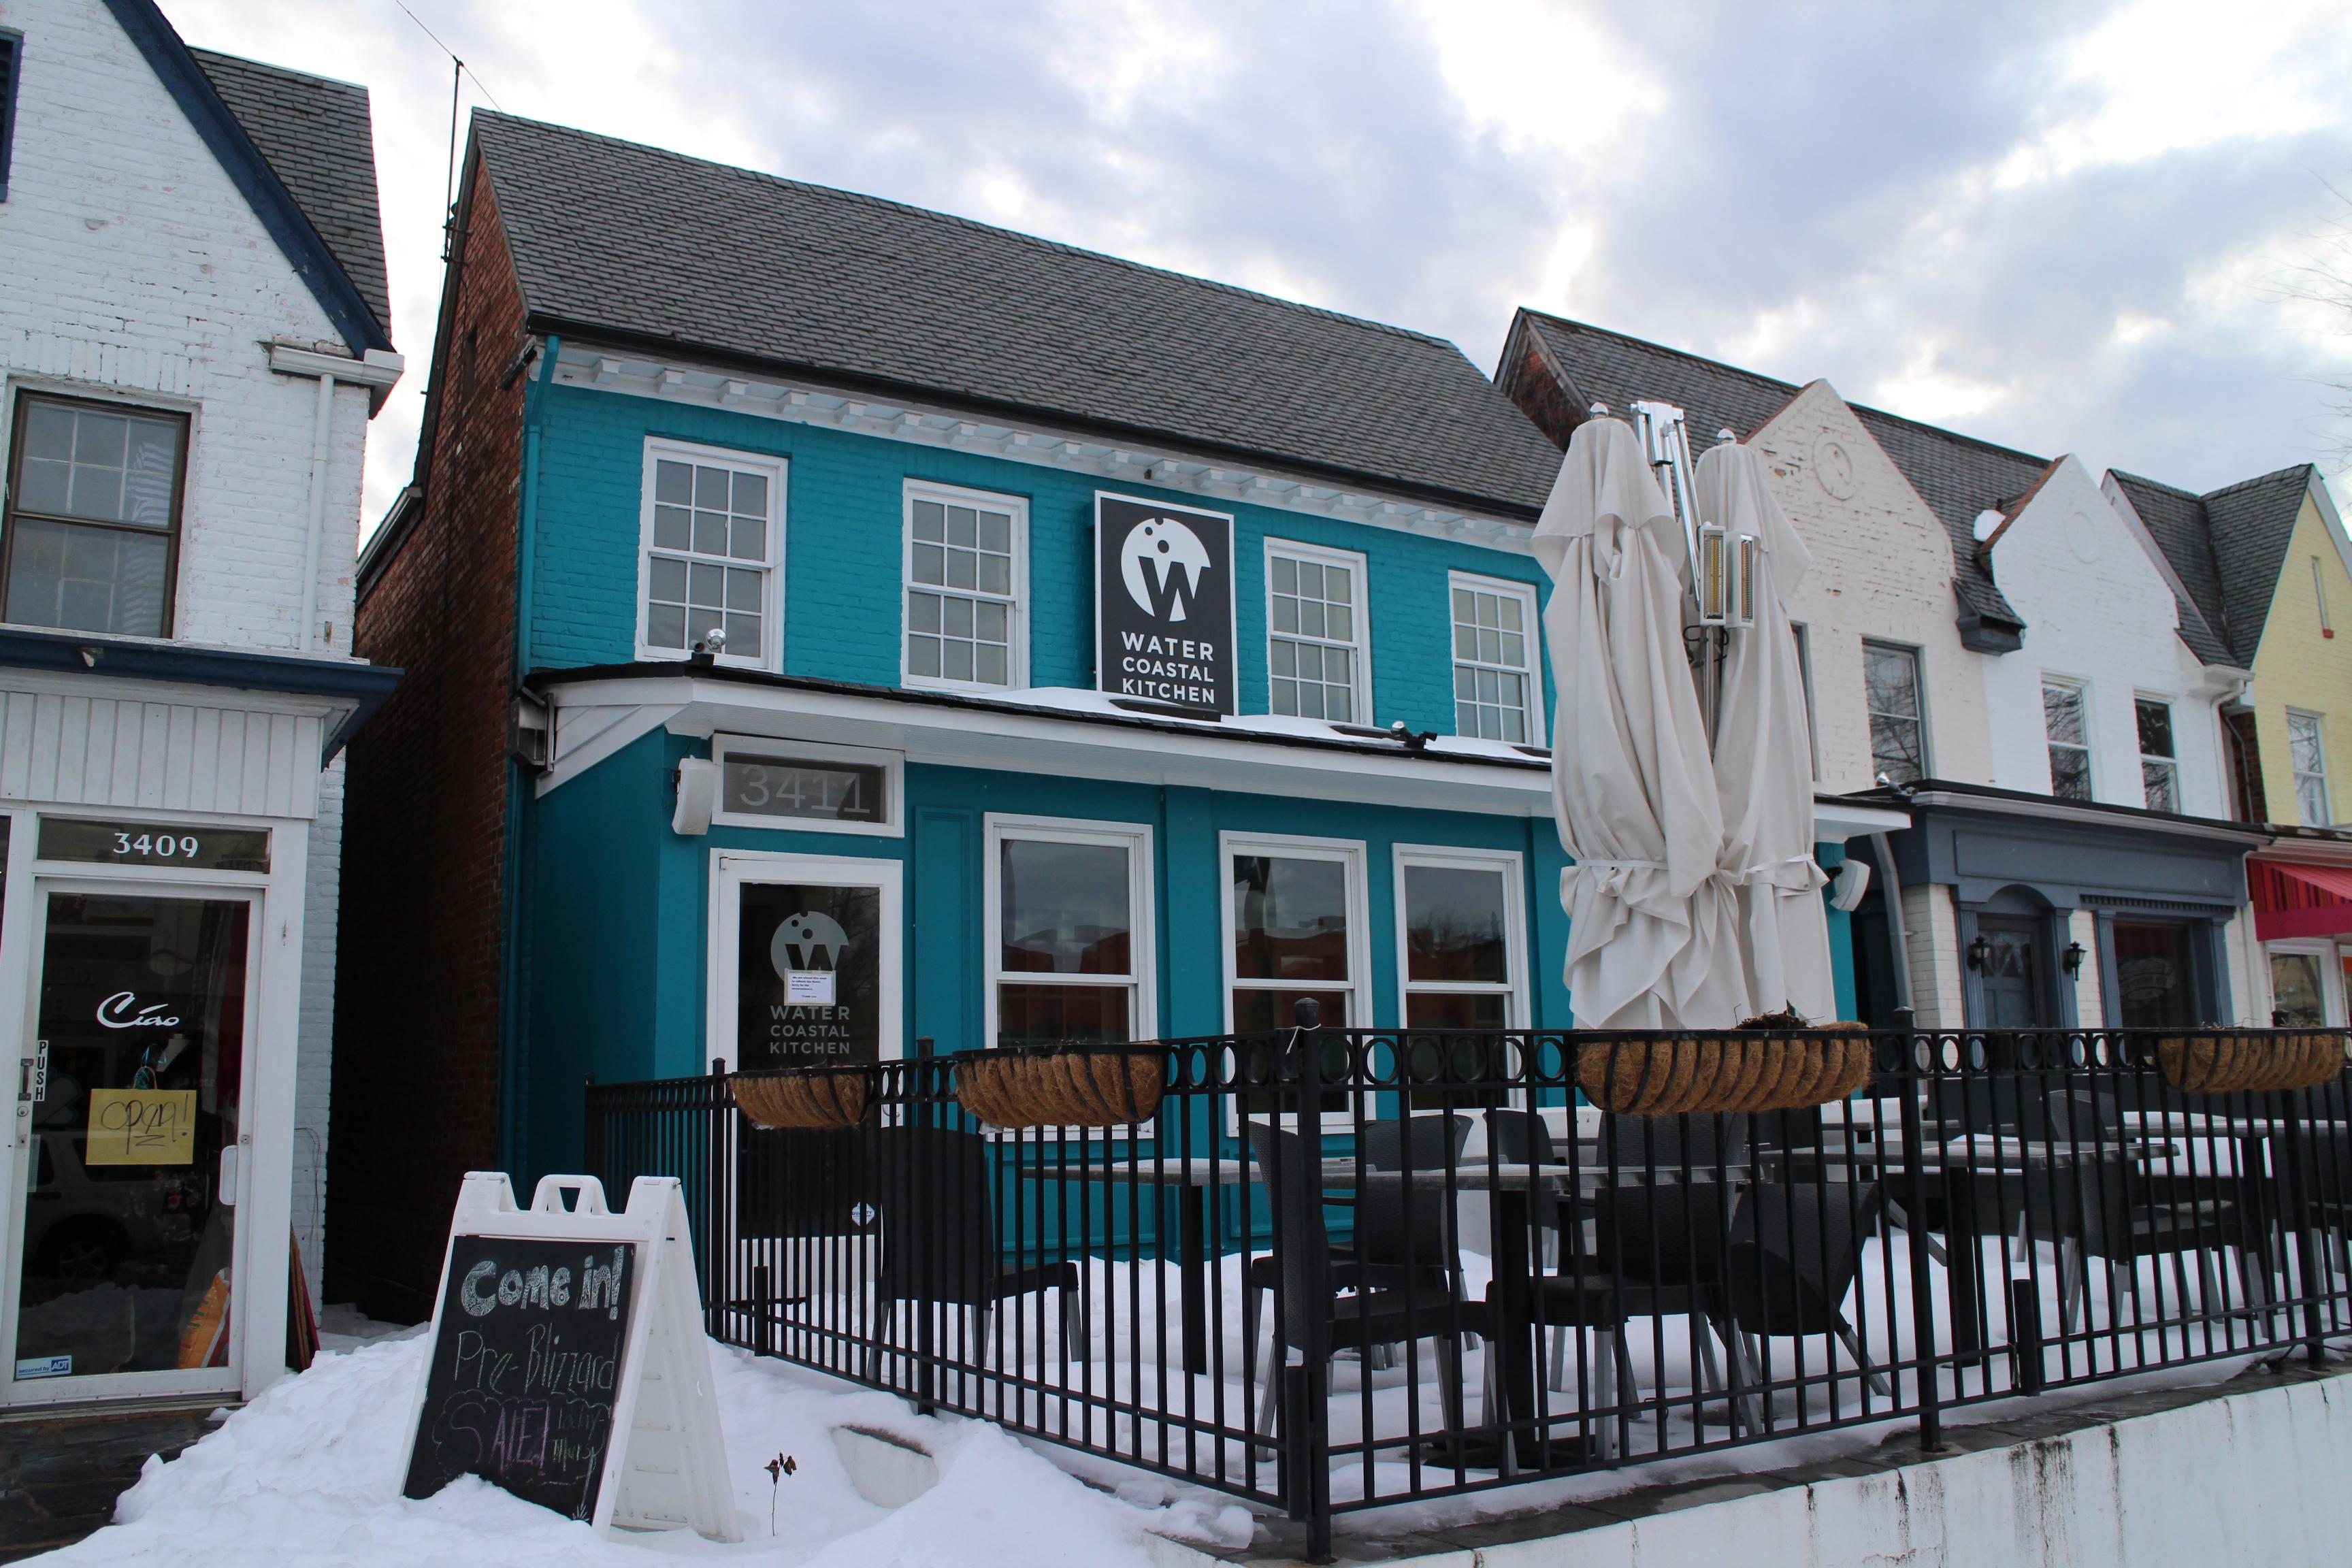 Carytown restaurant shuts down for rebrand - Richmond BizSense